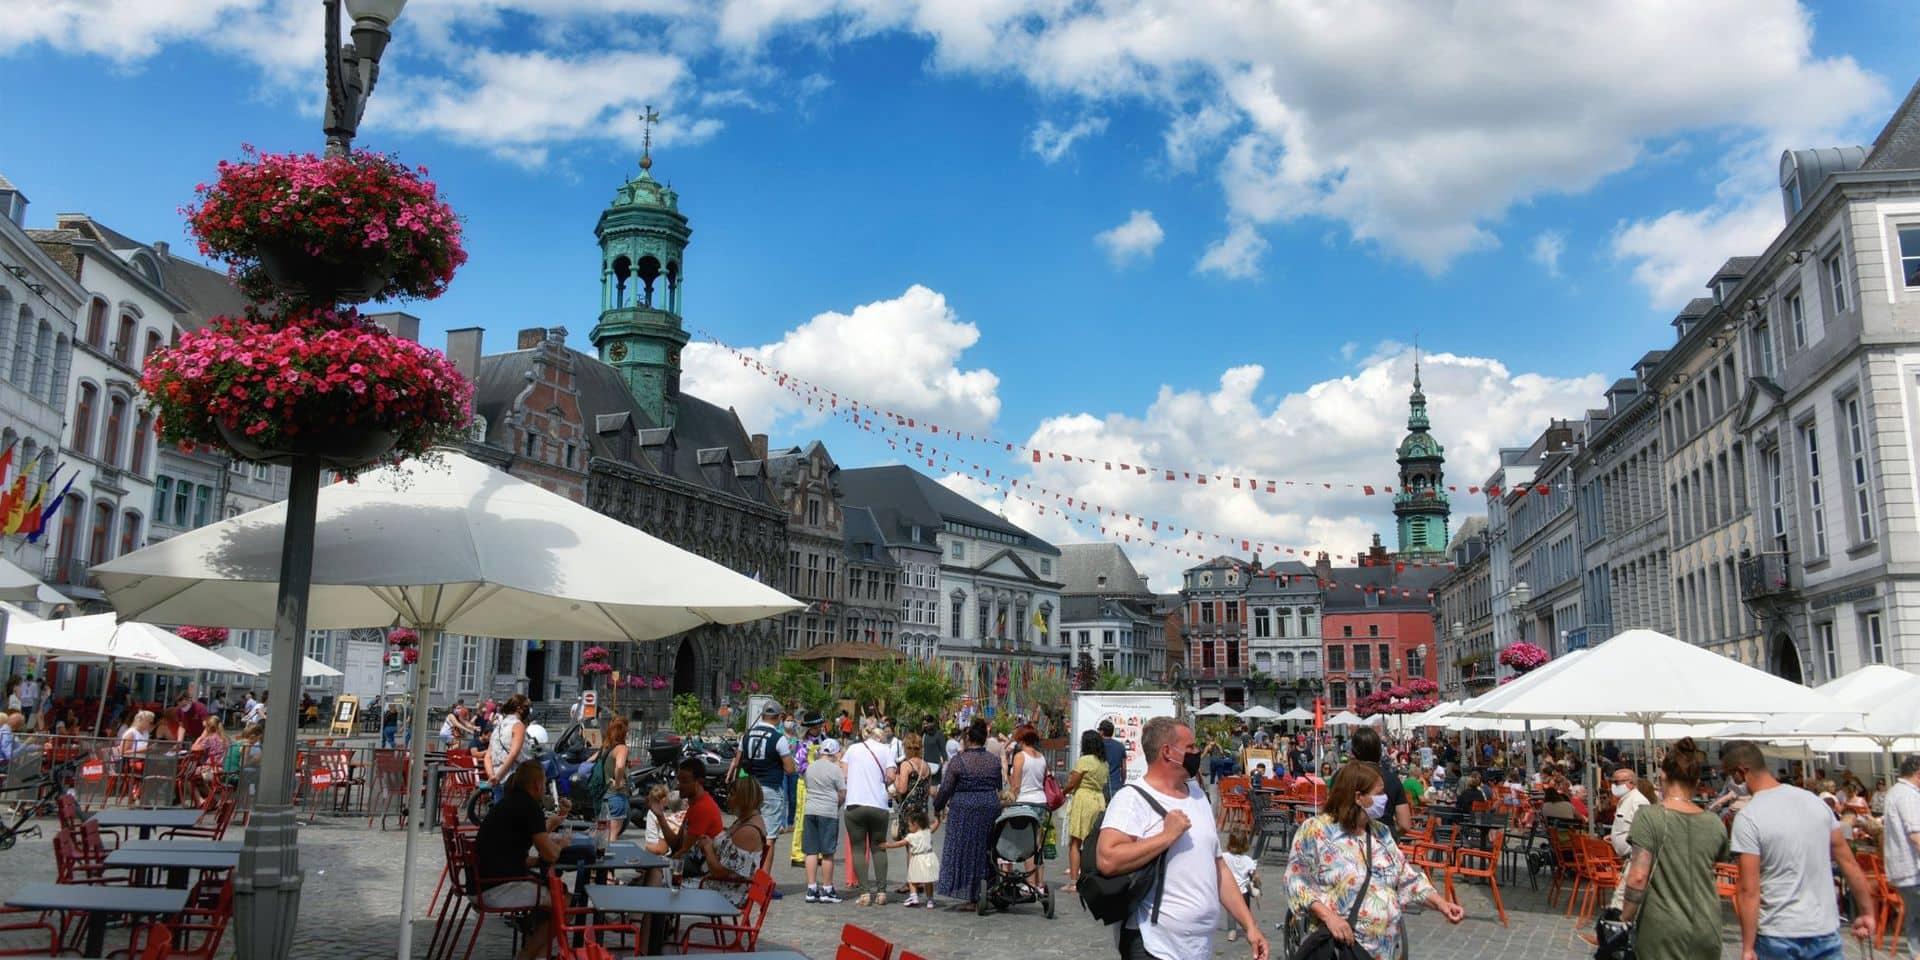 Les touristes n'ont pas oublié Mons cet été : près de 65 000 visiteurs !